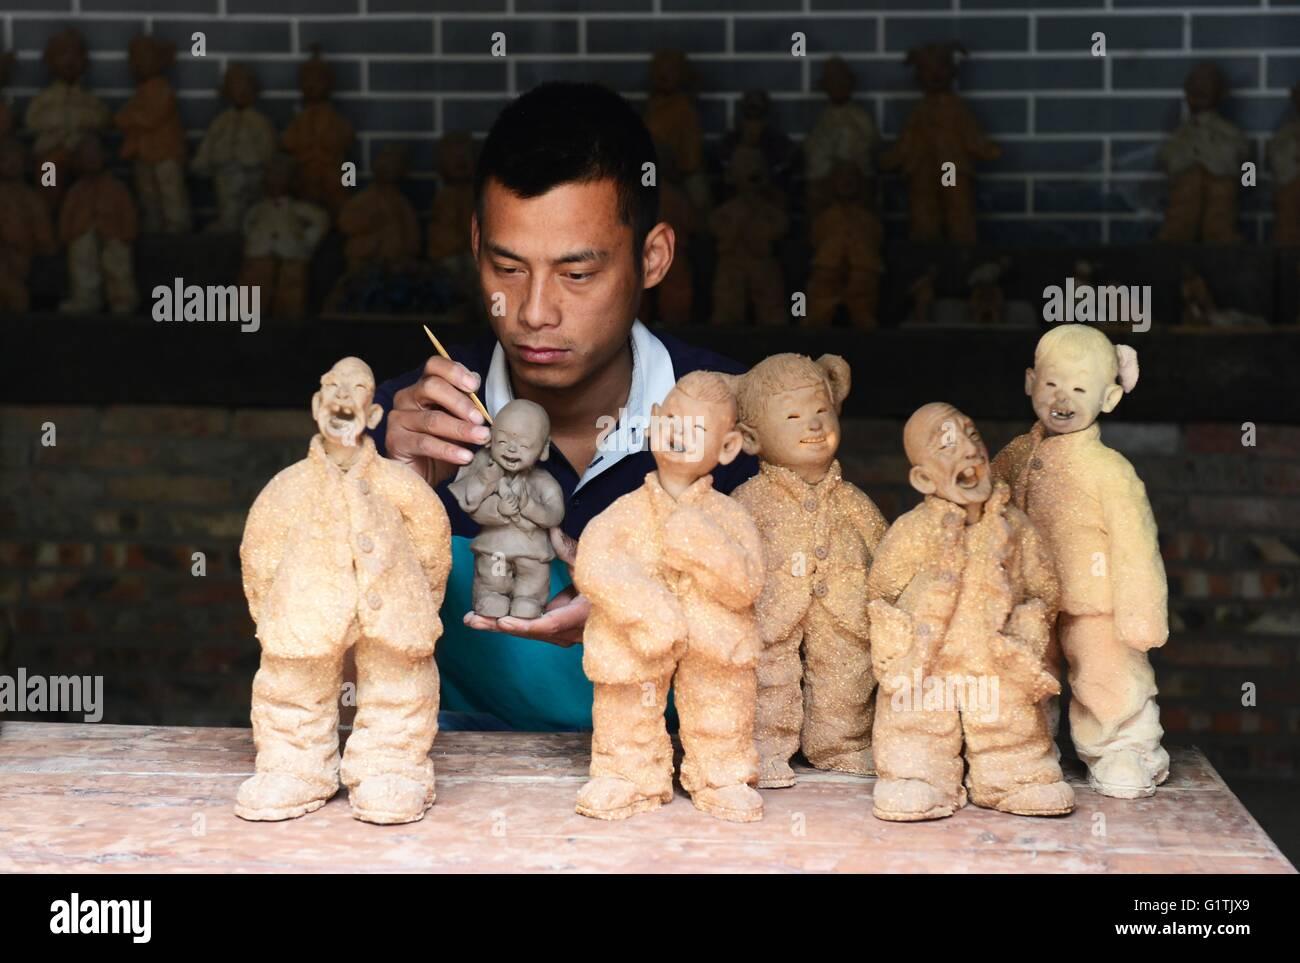 (160519) -- ZHENGZHOU, May 19, 2016 (Xinhua) -- Song Qingchun, an inheritor of Mud Cuckoo making, works at his workshop - Stock Image